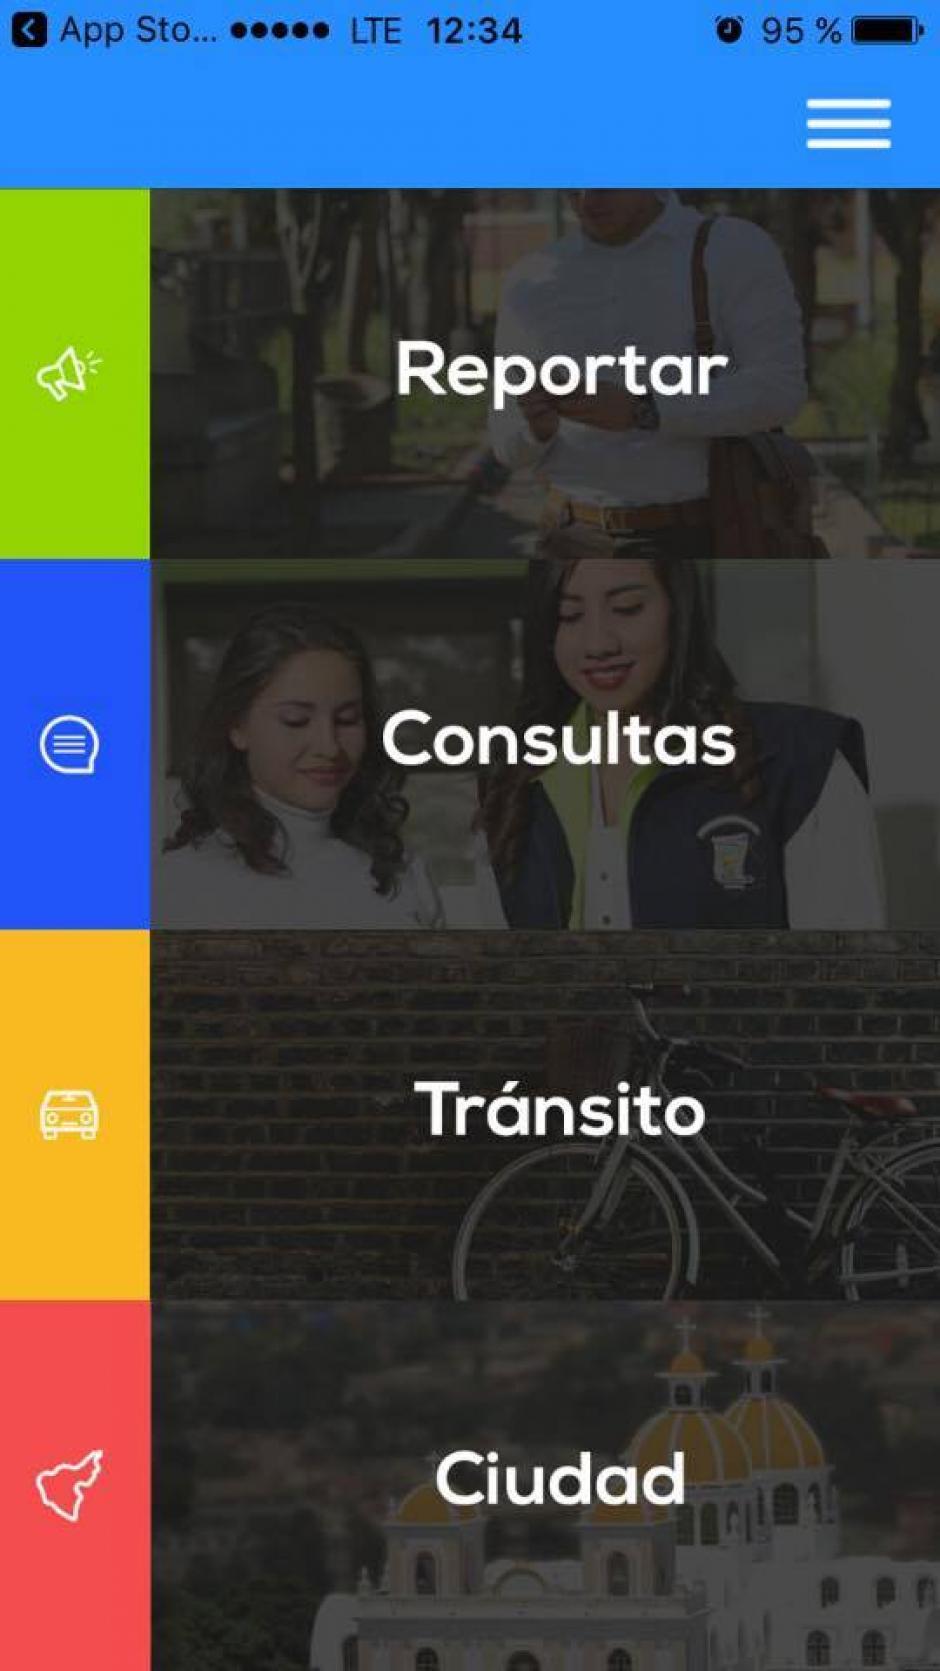 La app tiene diversas categorías en su bandeja. (Imagen: captura de pantalla)